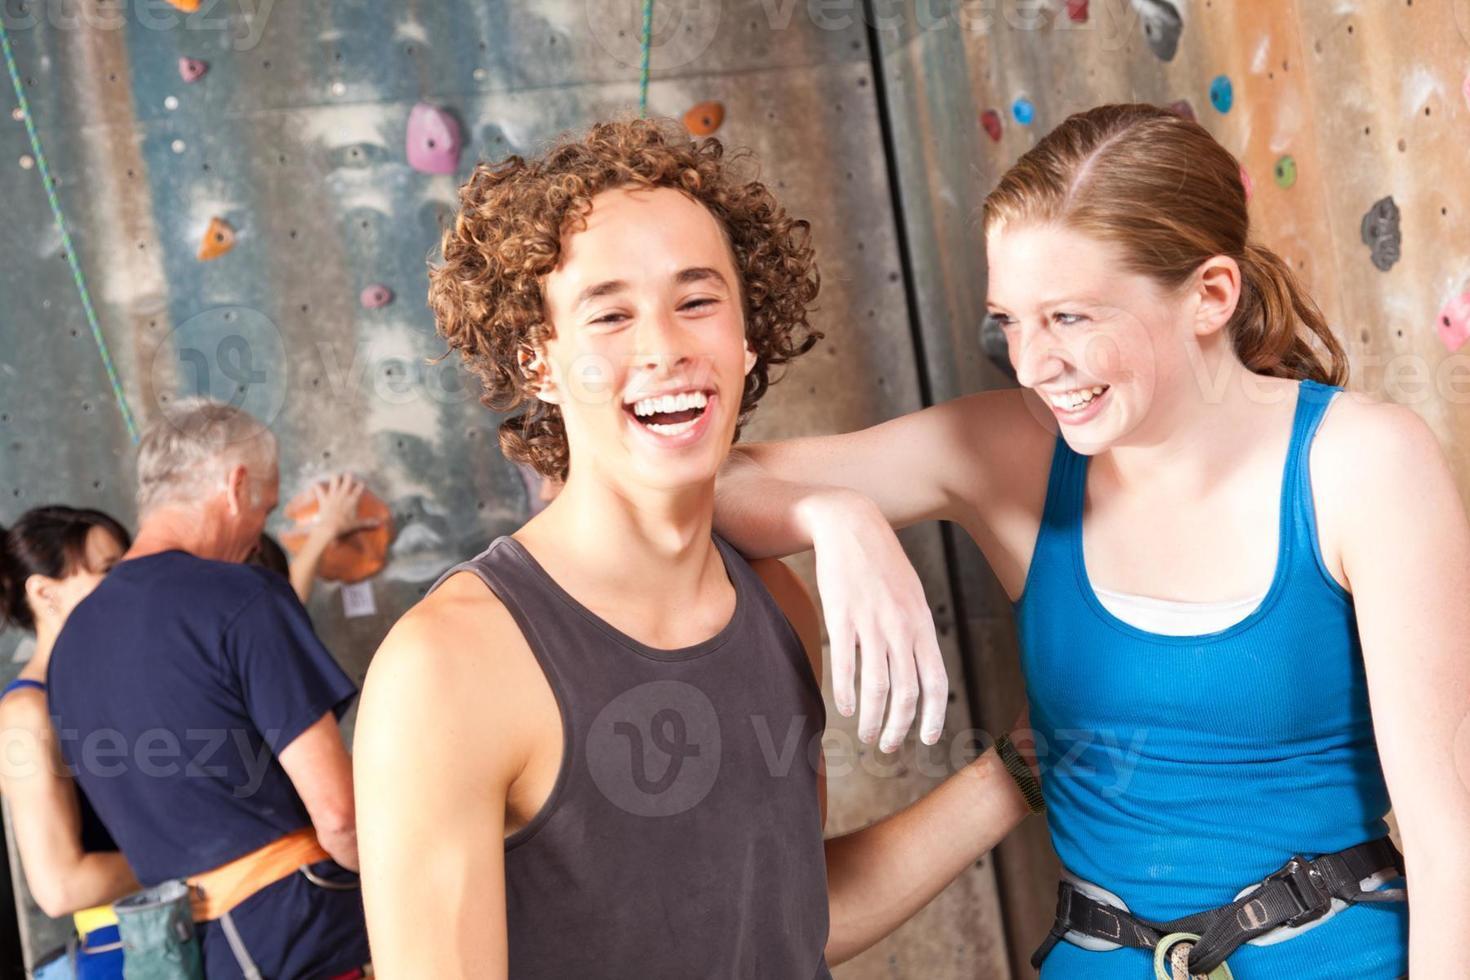 glada bergsklättrare vänner skrattar tillsammans foto